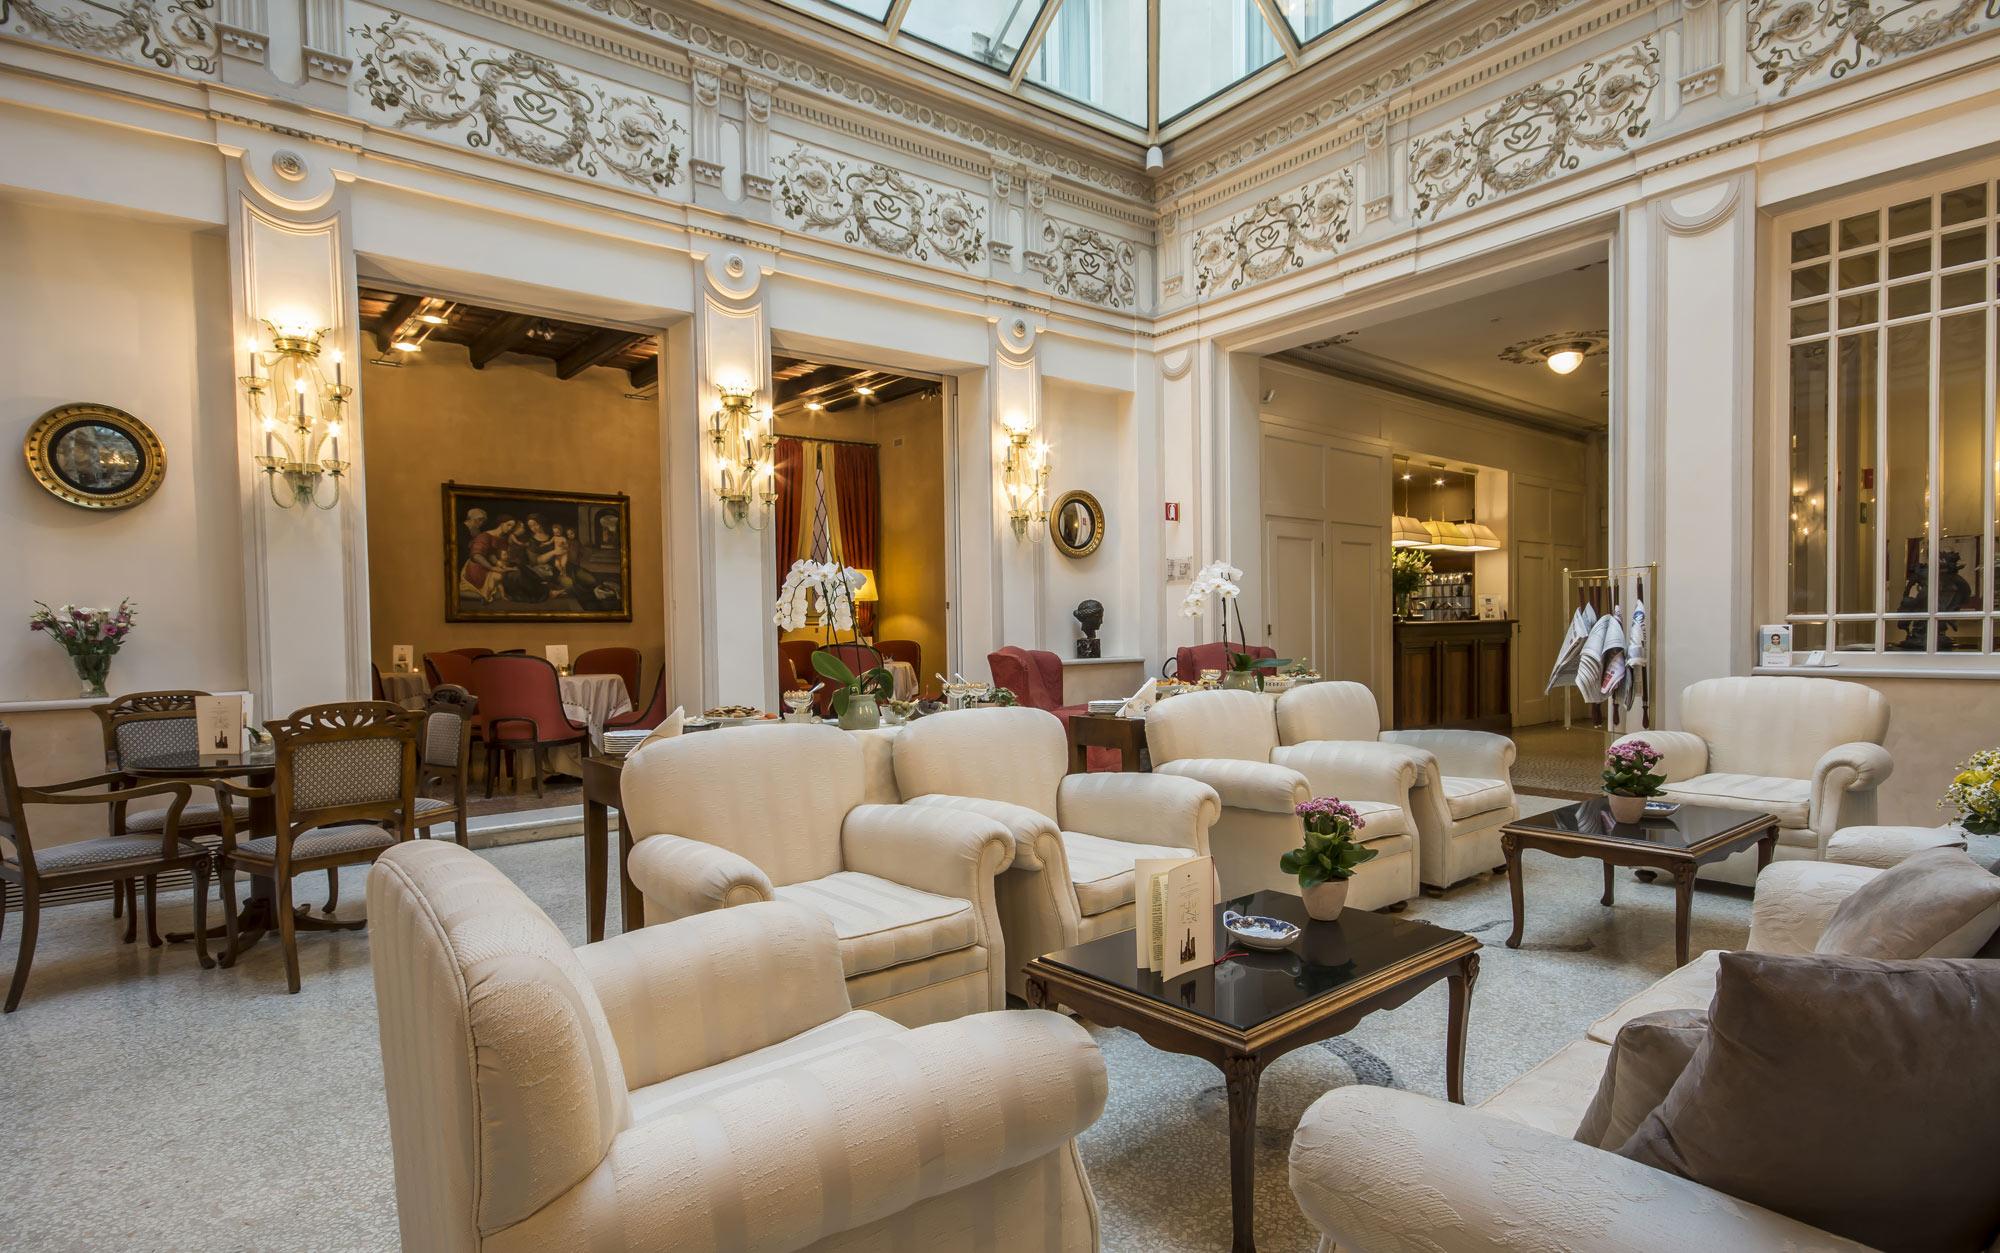 Grand salon, canapé couleur ivoire, grande verrière et décoration murale faite d'ornements